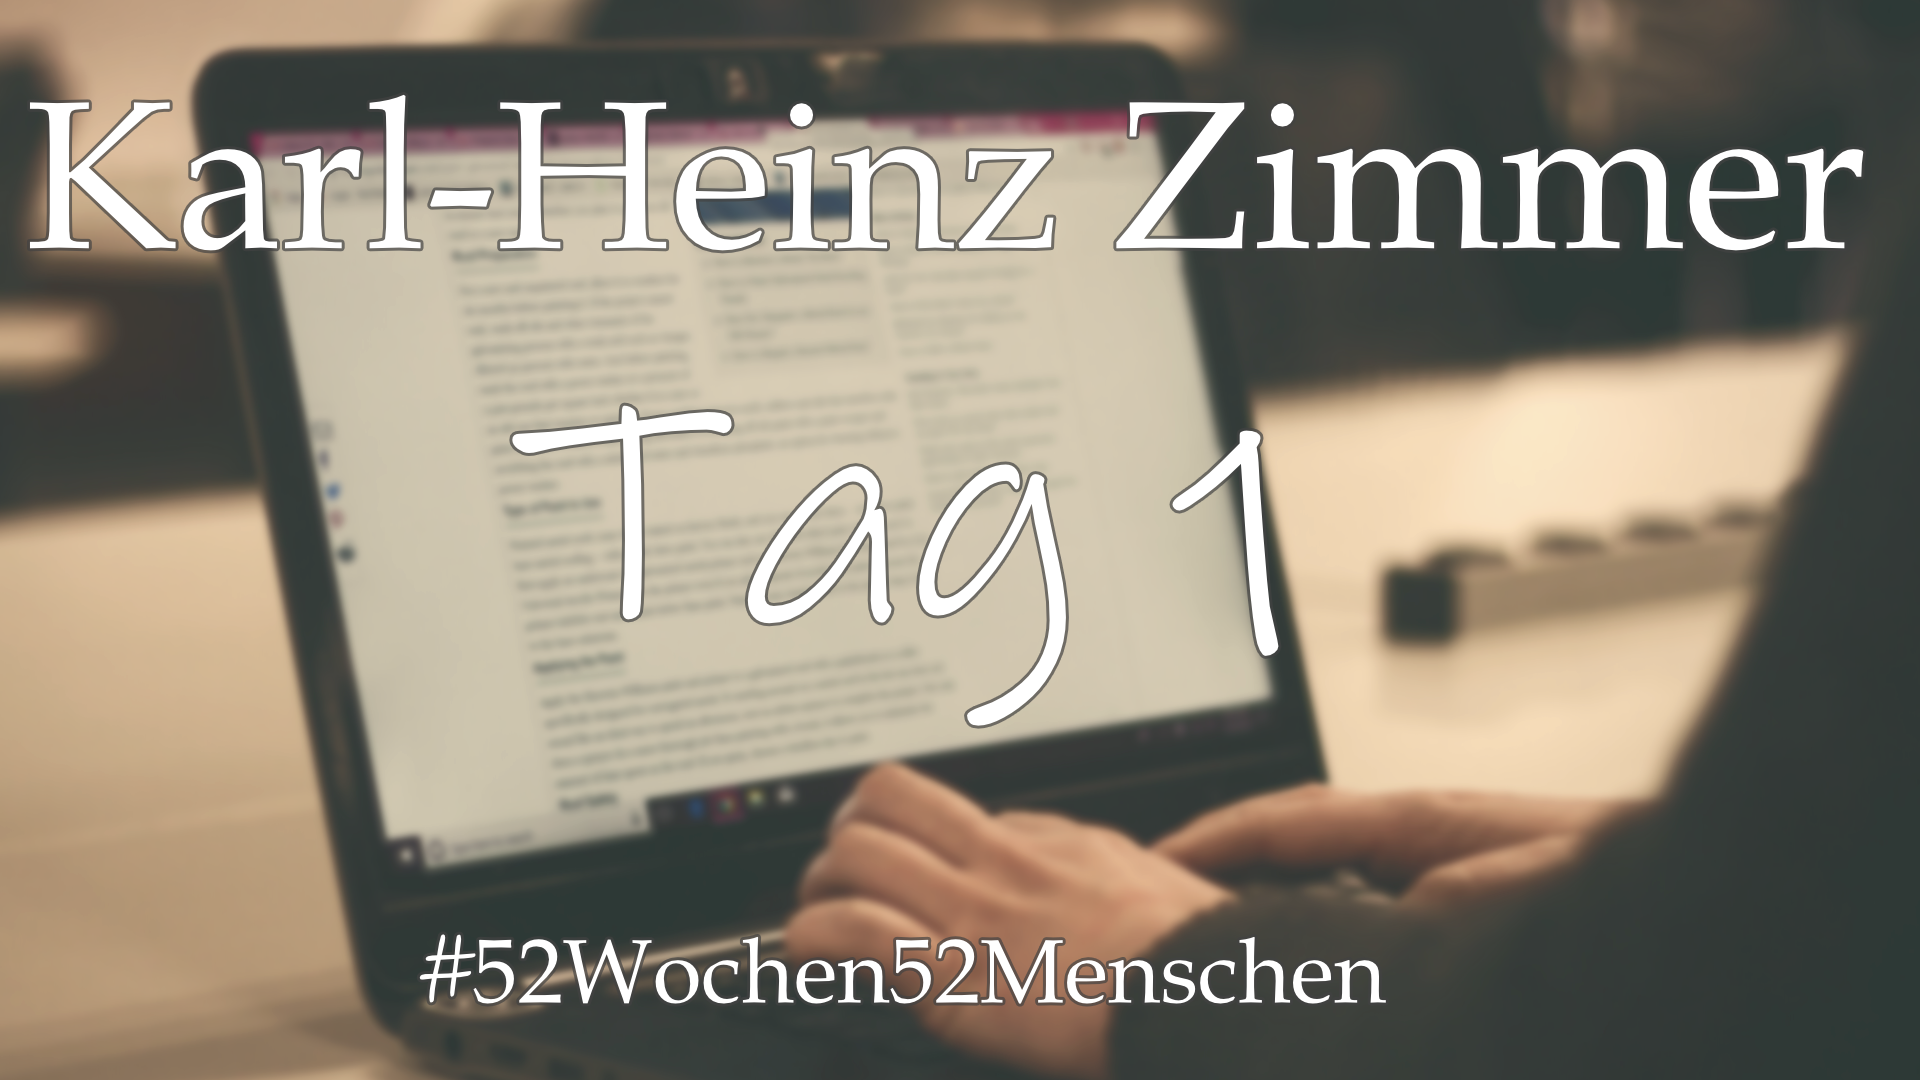 #52Wochen52Menschen: KW3 – Karl-Heinz Zimmer & SPBuchsatz – Tag 1